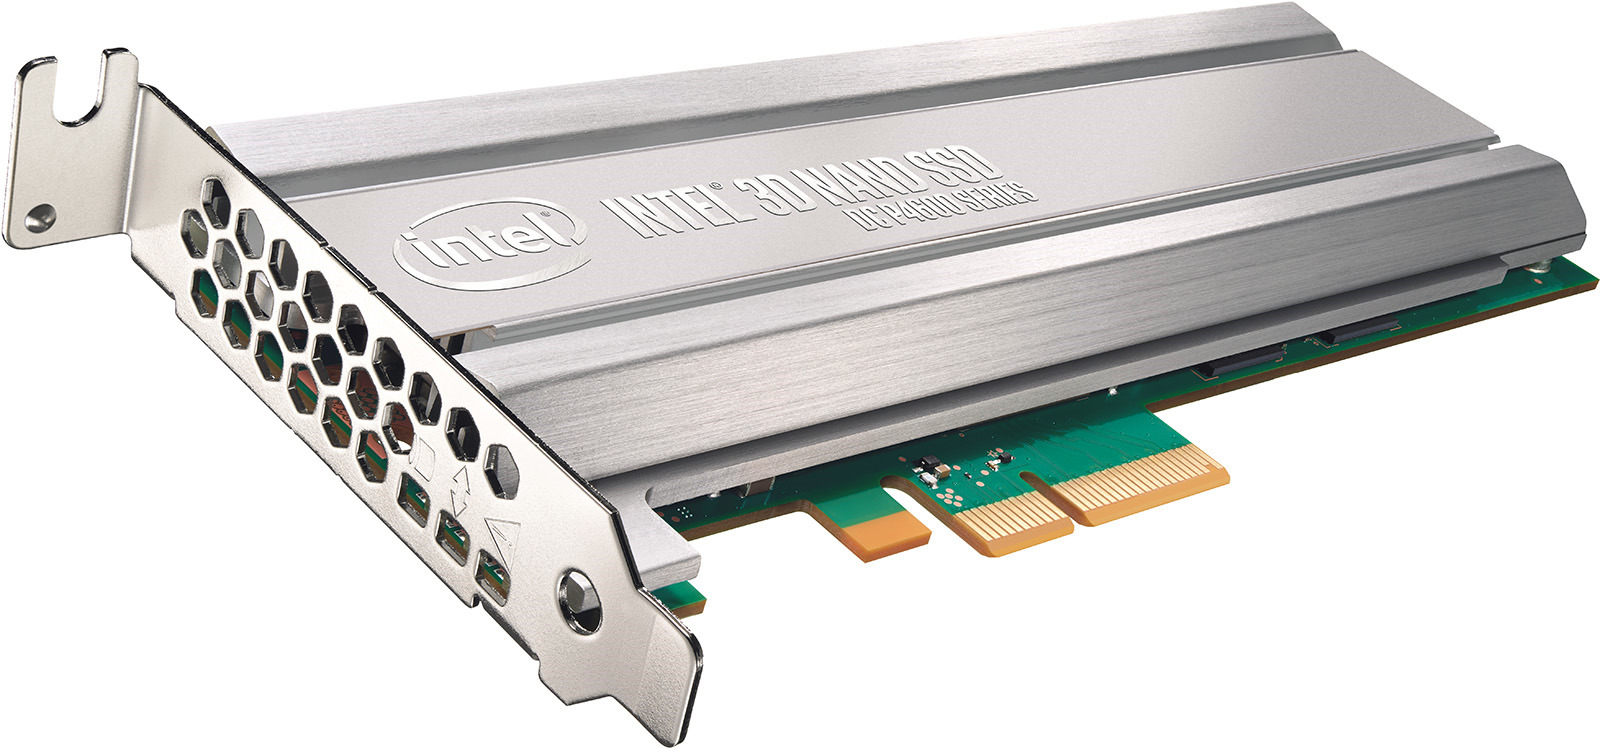 SSD накопитель Intel P4600 2TB, SSDPEDKE020T710 твердотельный накопитель ssd intel ssd dc p3520 450gb ssdpe2mx450g701 u 2 2 5 r1200 w600